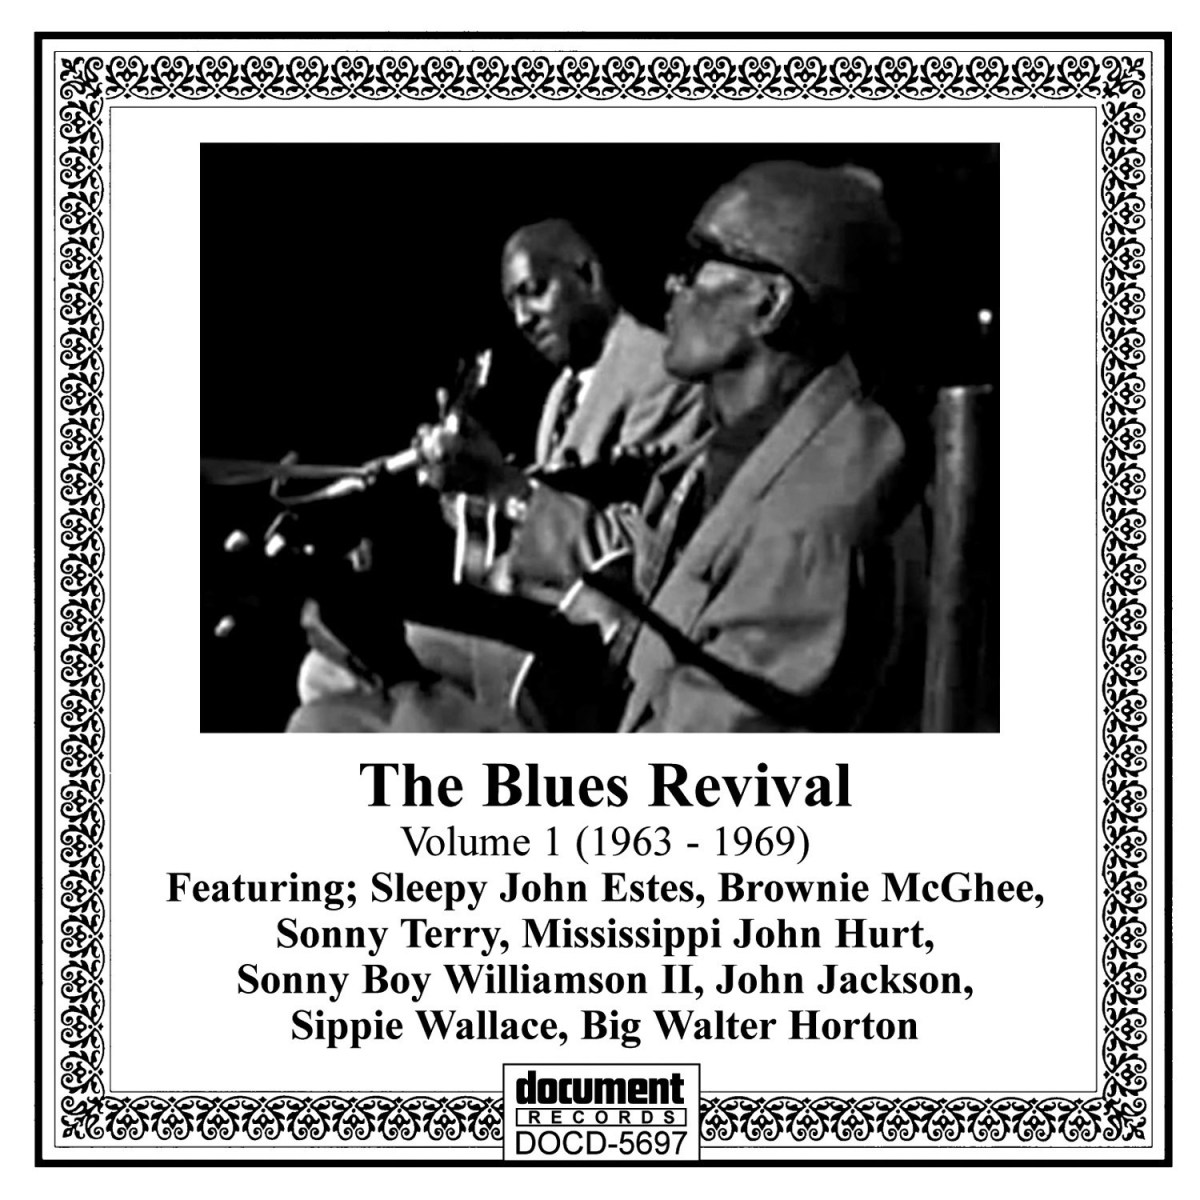 The Blues Revival Volume 1 1963-1969 – Full Album